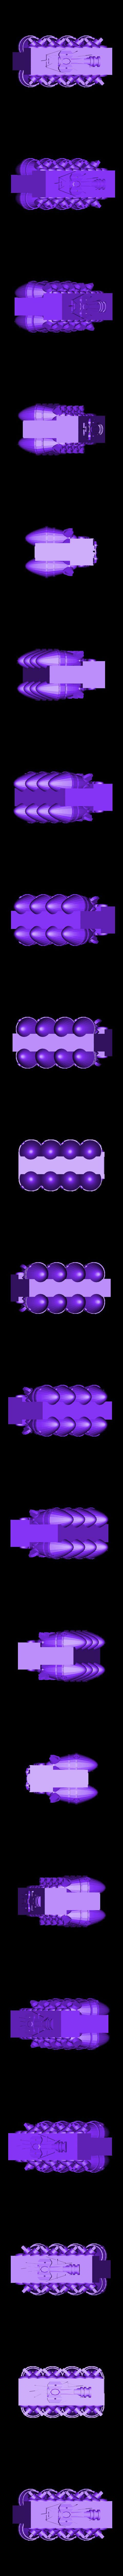 Bomb_Rack.stl Télécharger fichier STL gratuit GyroBomber nain • Objet imprimable en 3D, mrhers2